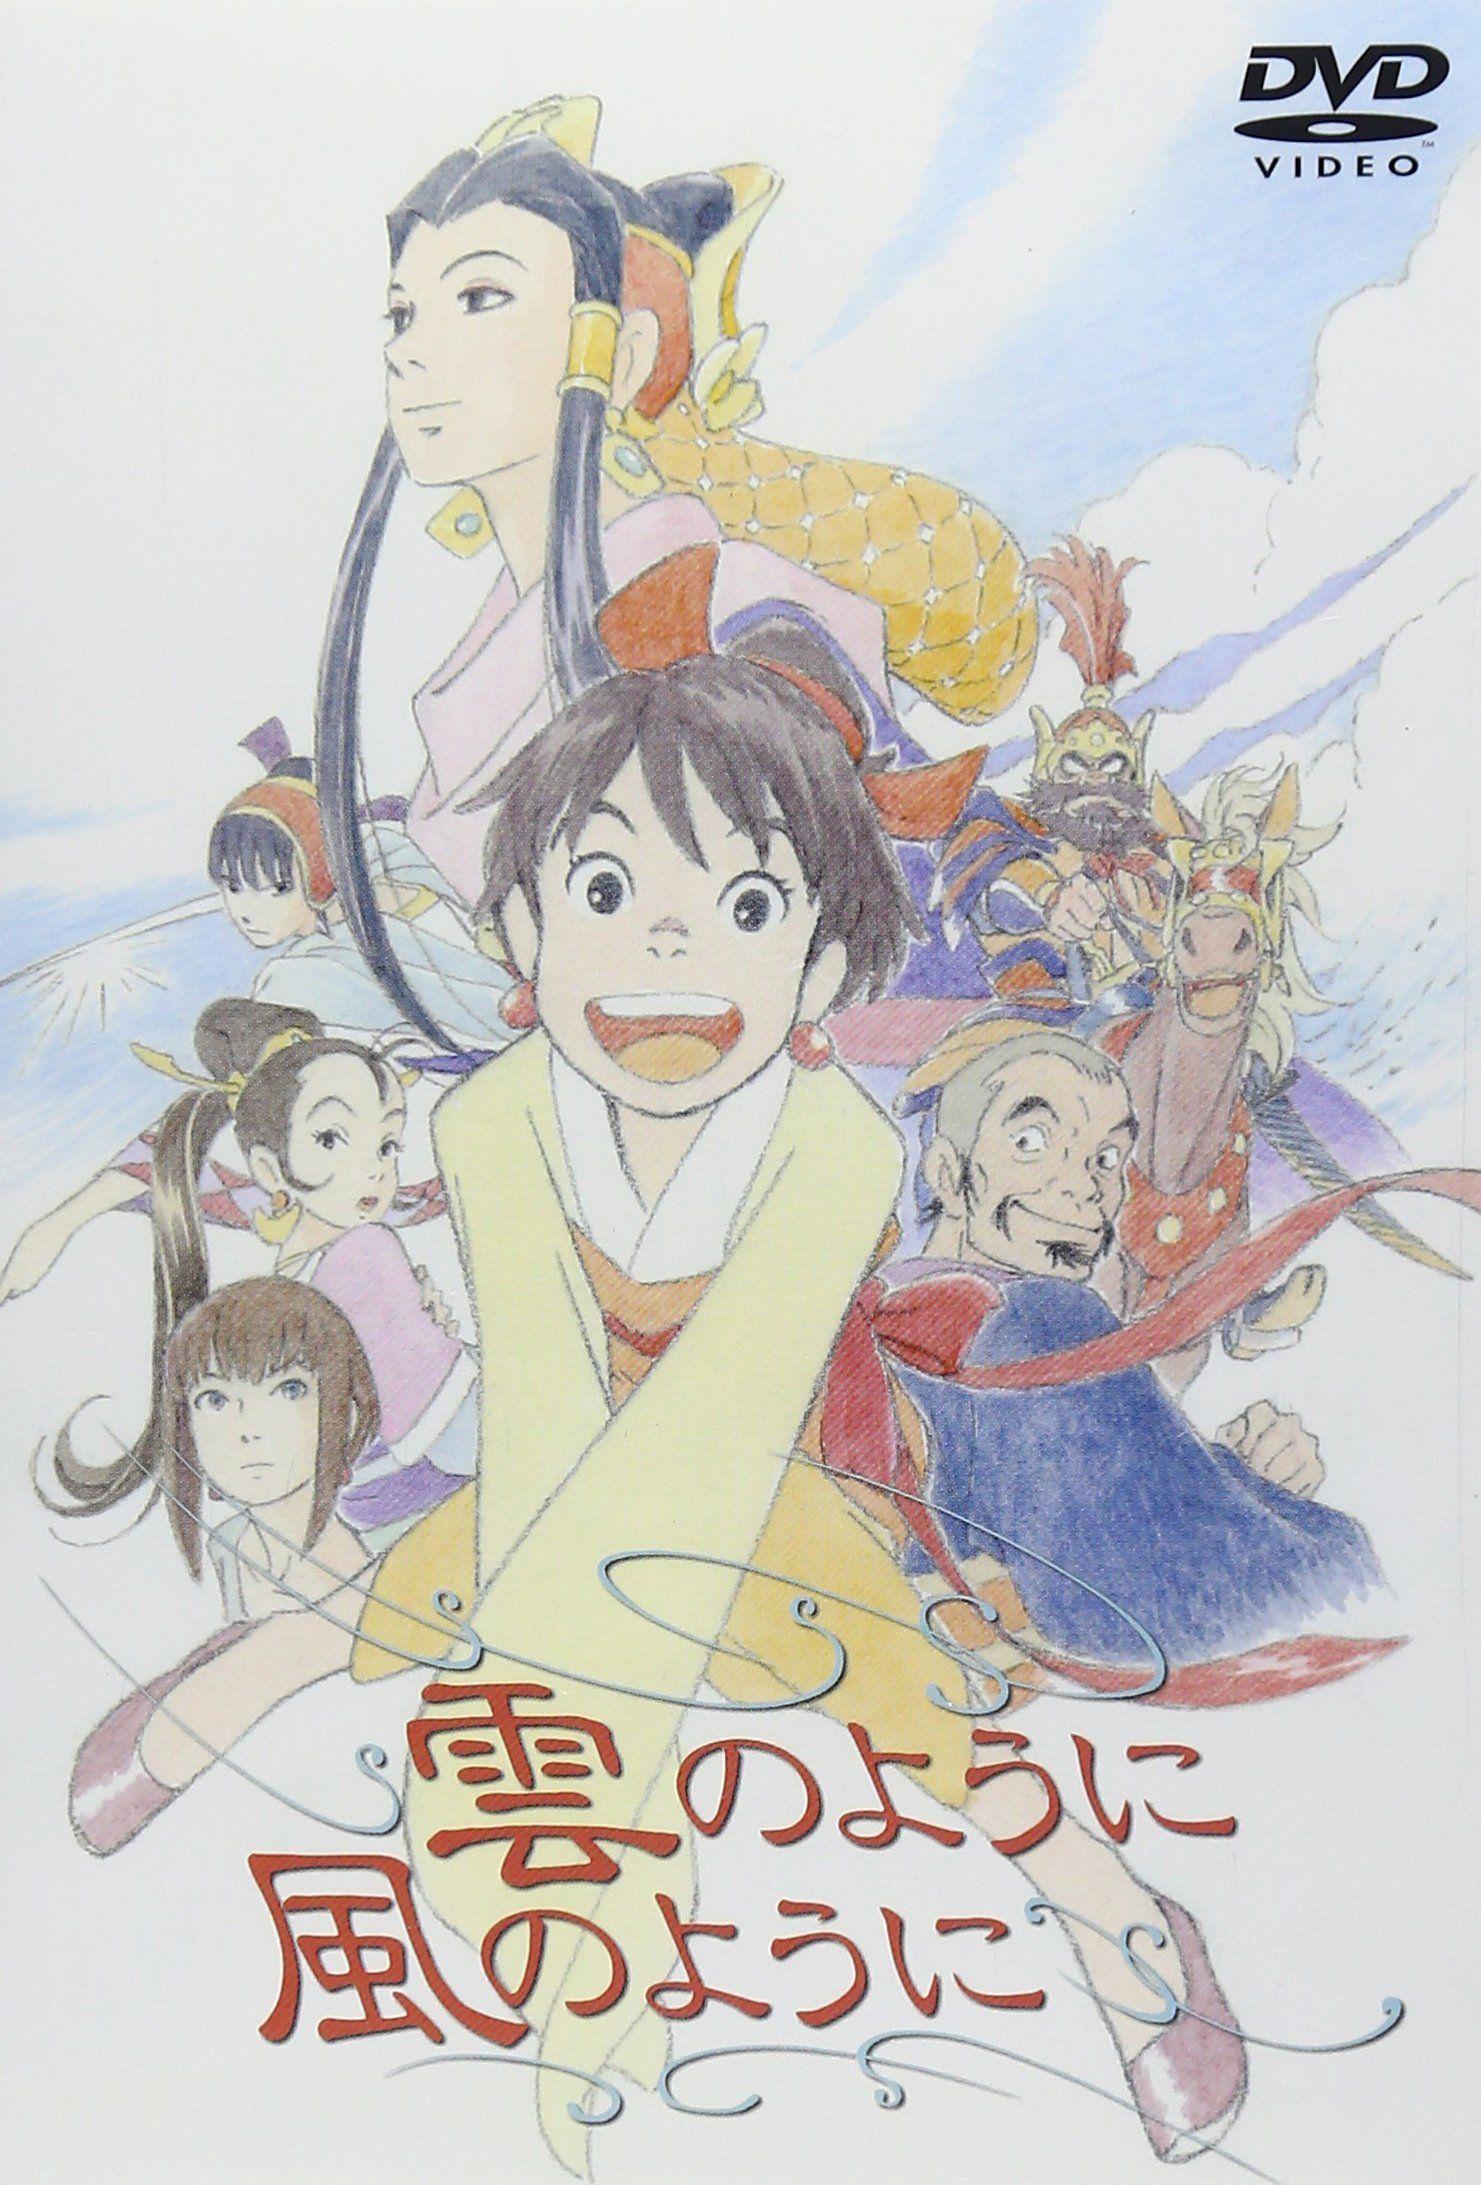 雲のように風のように [DVD] | My childhood in 2019 | 雲, 映画, アニメ